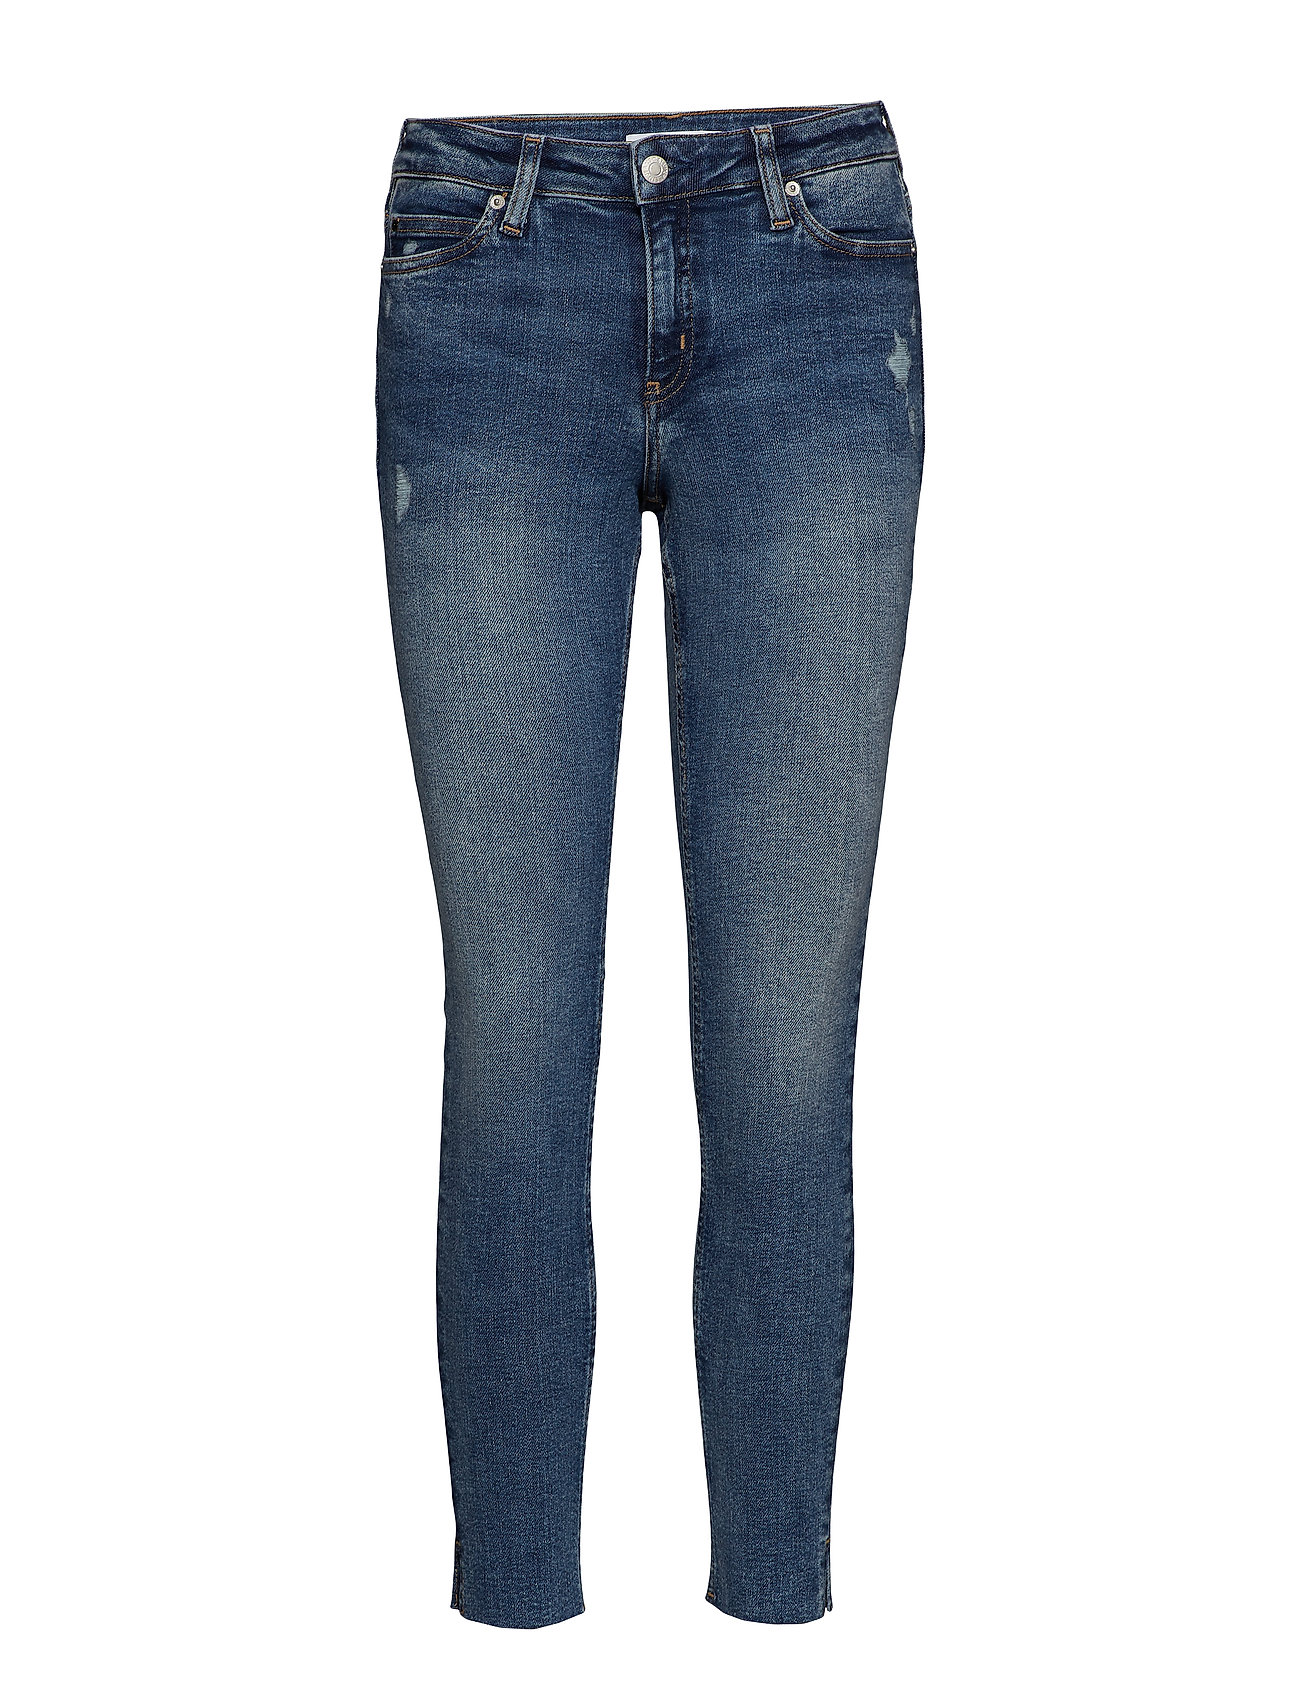 Calvin Klein Jeans CKJ 001 SUPER SKINNY - HERMITAGE SPLIT HEM